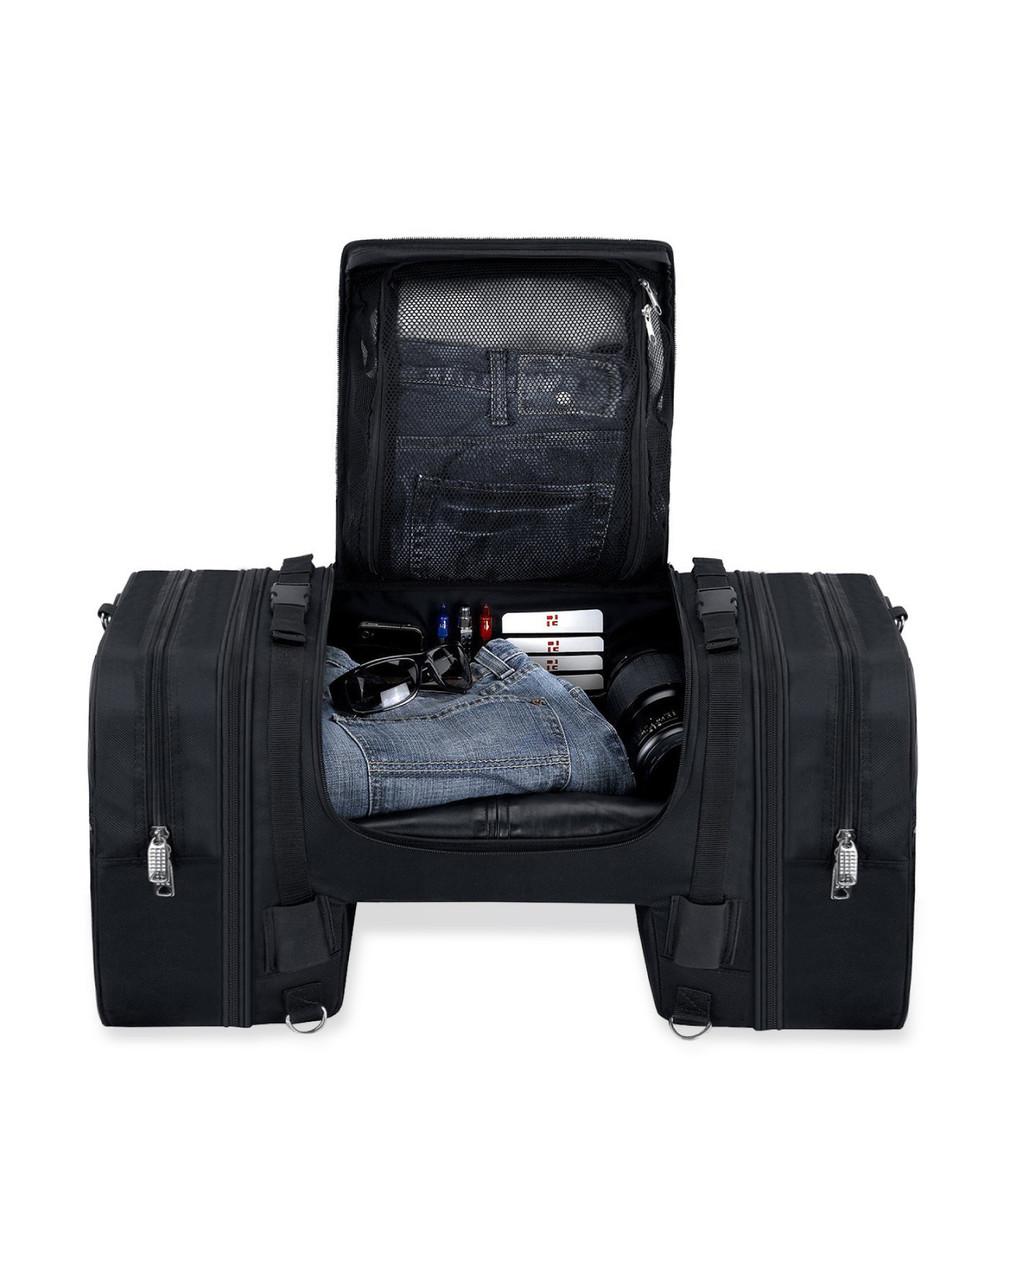 Suzuki Viking Expandable Cruiser Large Motorcycle Sissy Bar Bag Storage View